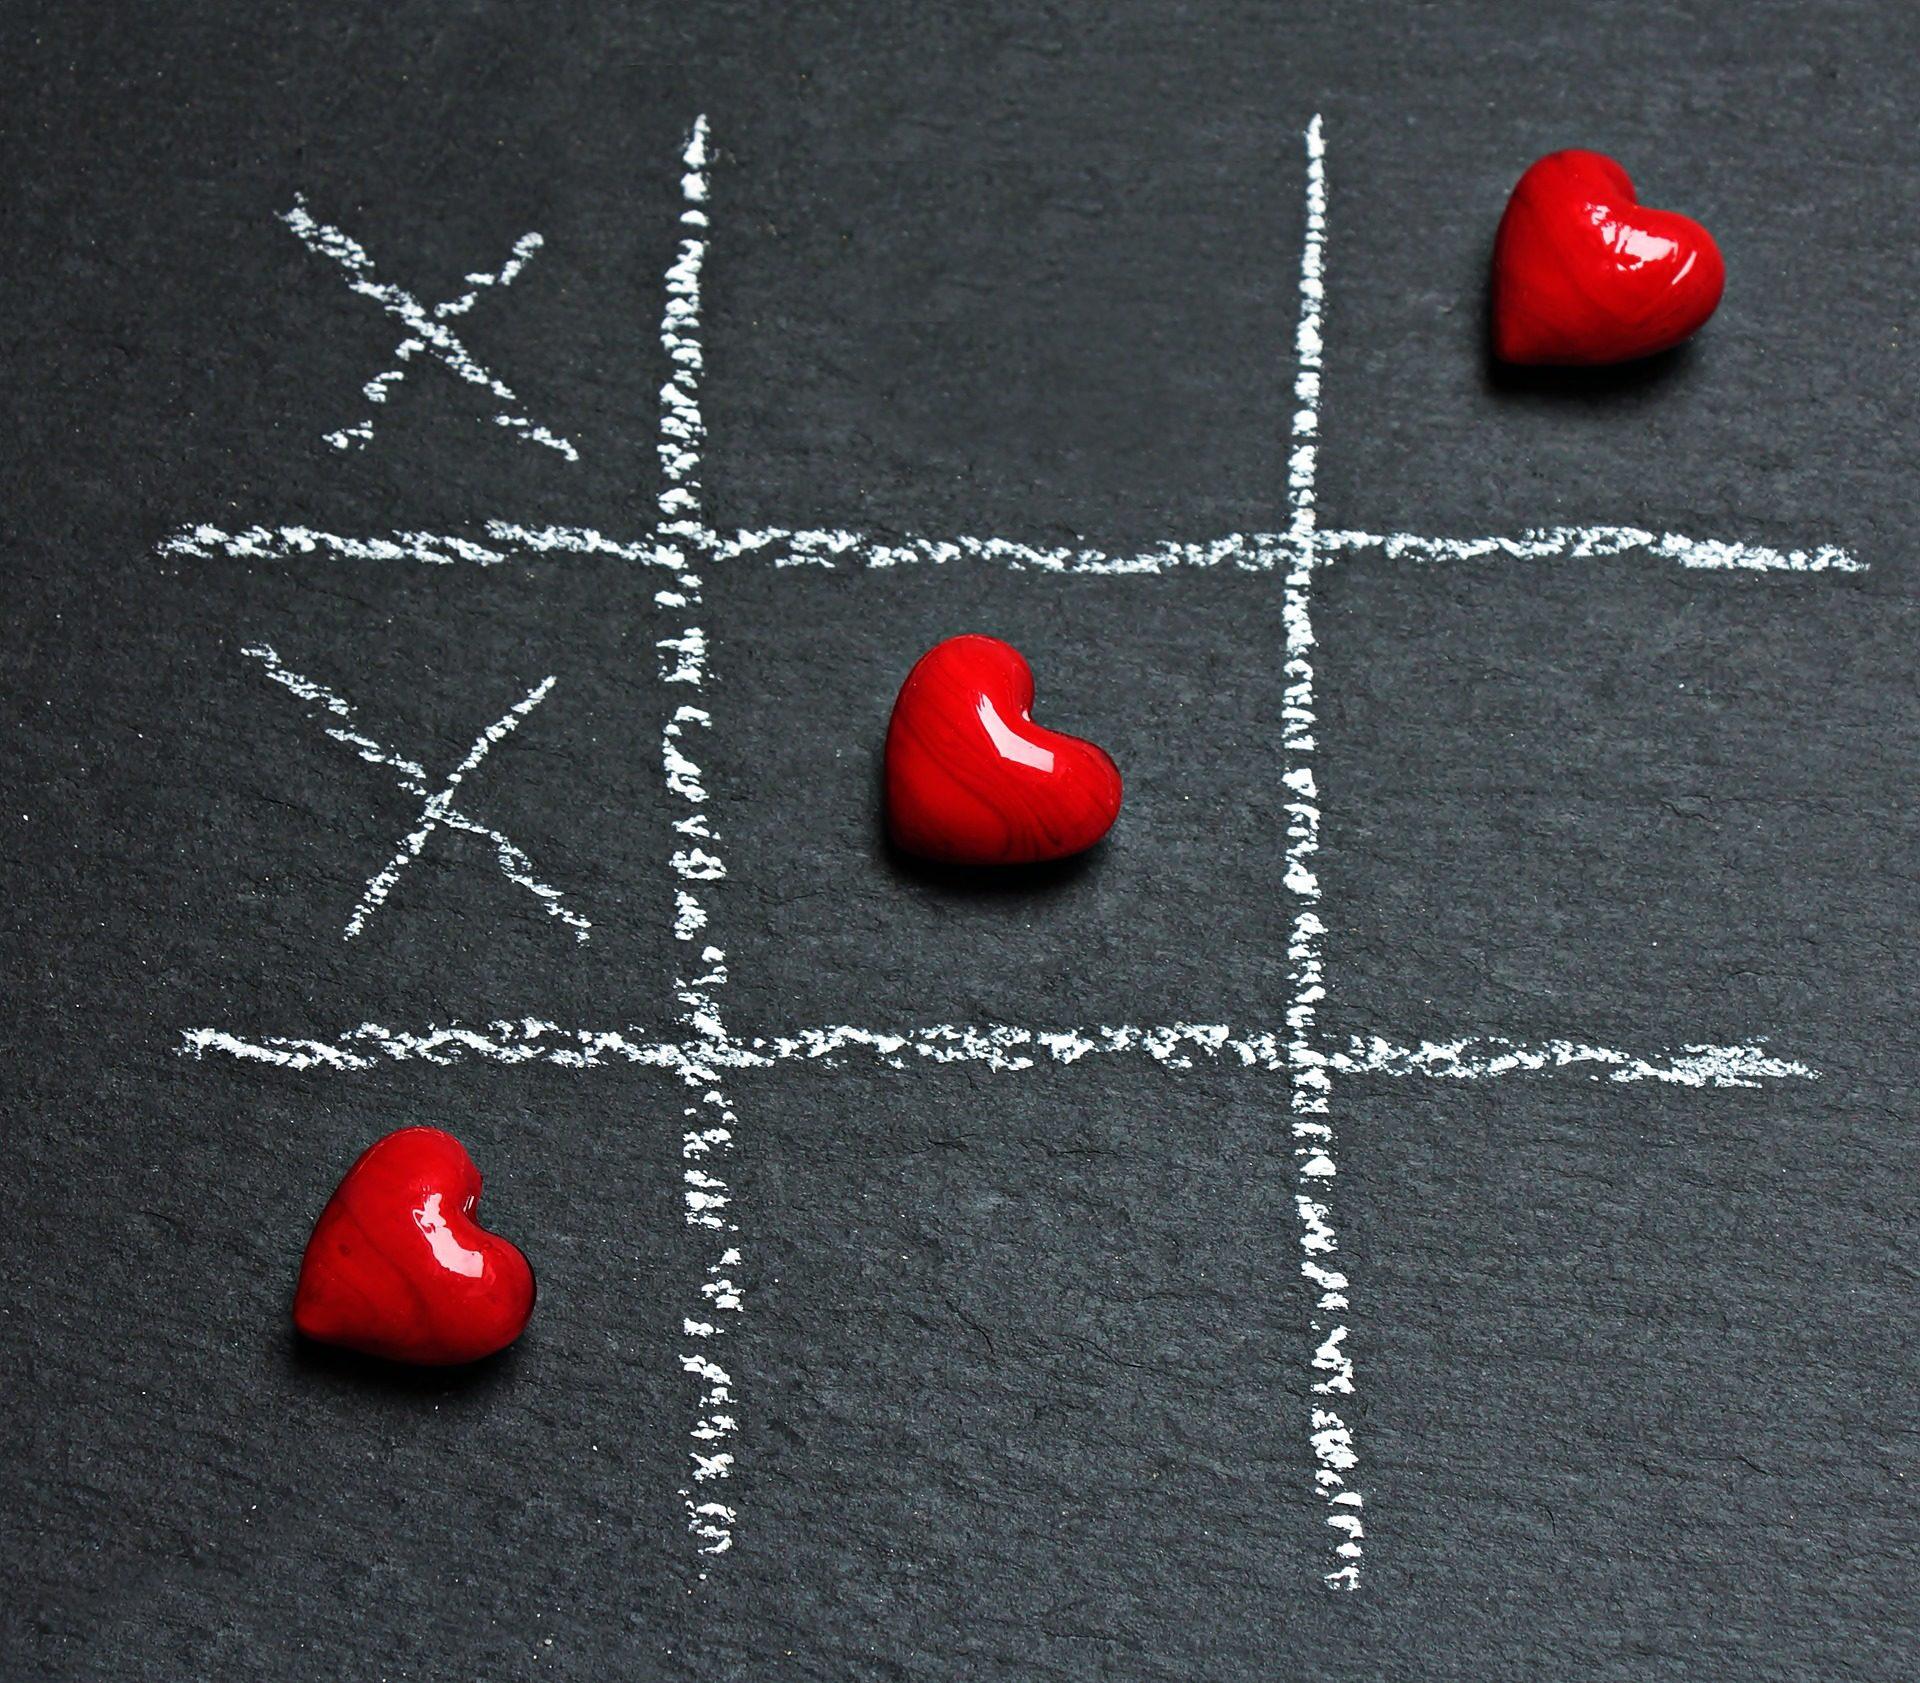 τρία στη σειρά, καρδιά, παιχνίδι, Κιμωλία, Χειροποίητη, χώμα - Wallpapers HD - Professor-falken.com